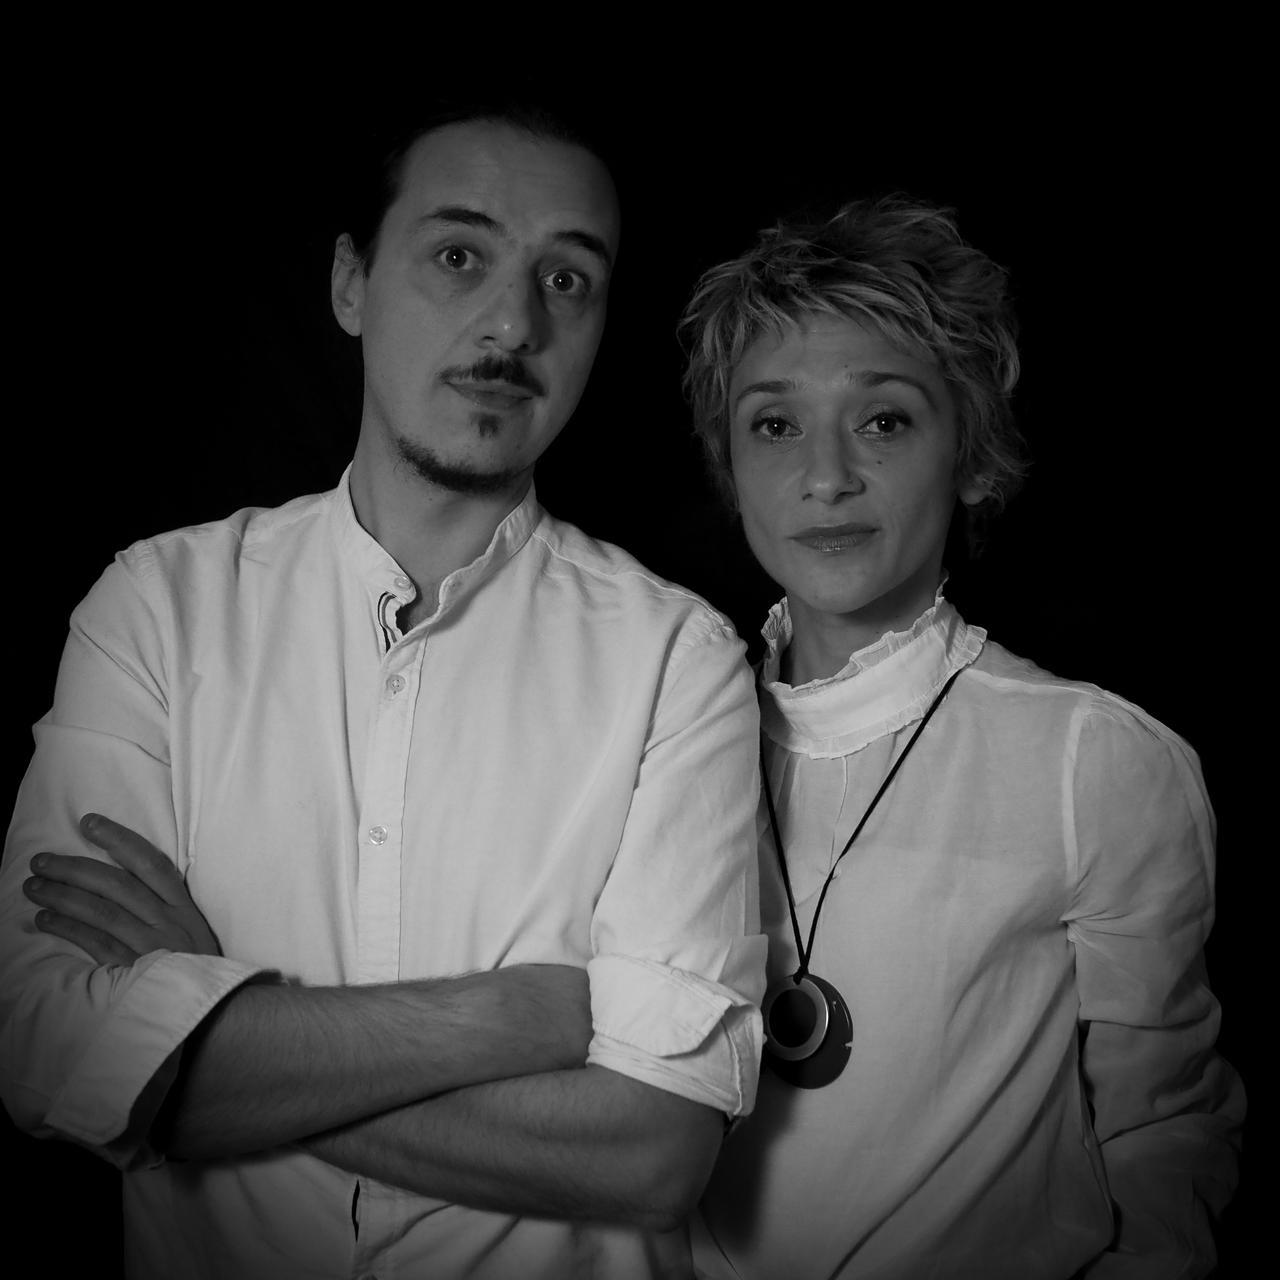 Images : ルカ・ベッリーノ、シルヴィア・ルーツィ両監督